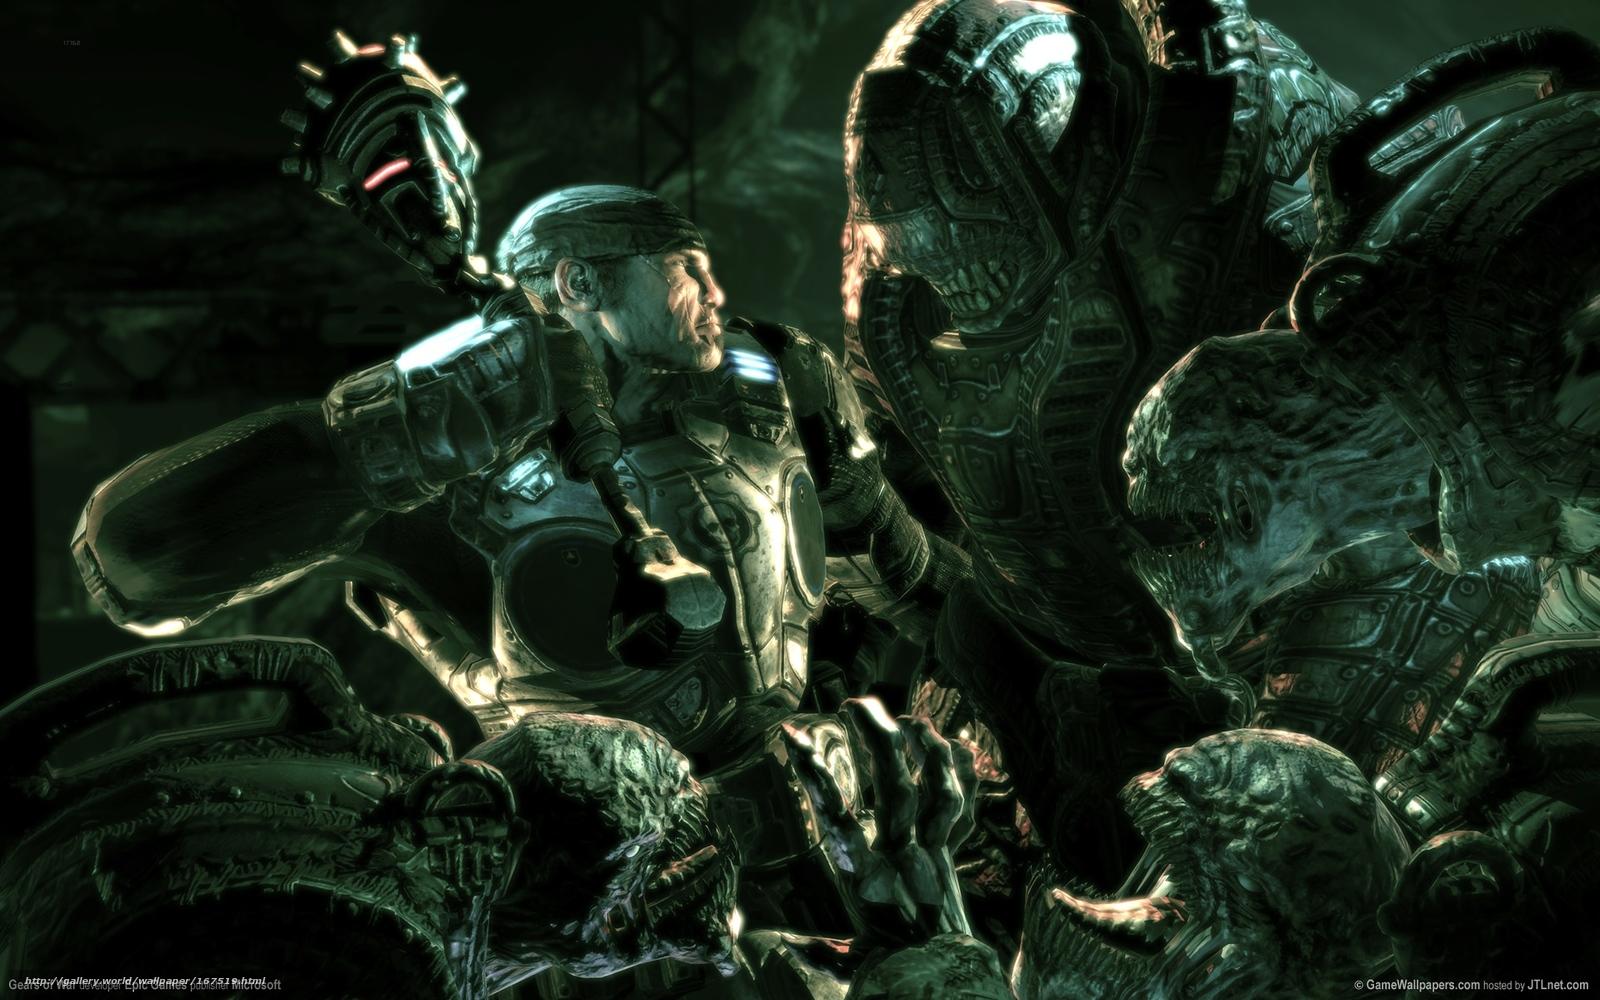 descargar el juego de gears of war para pc gratis